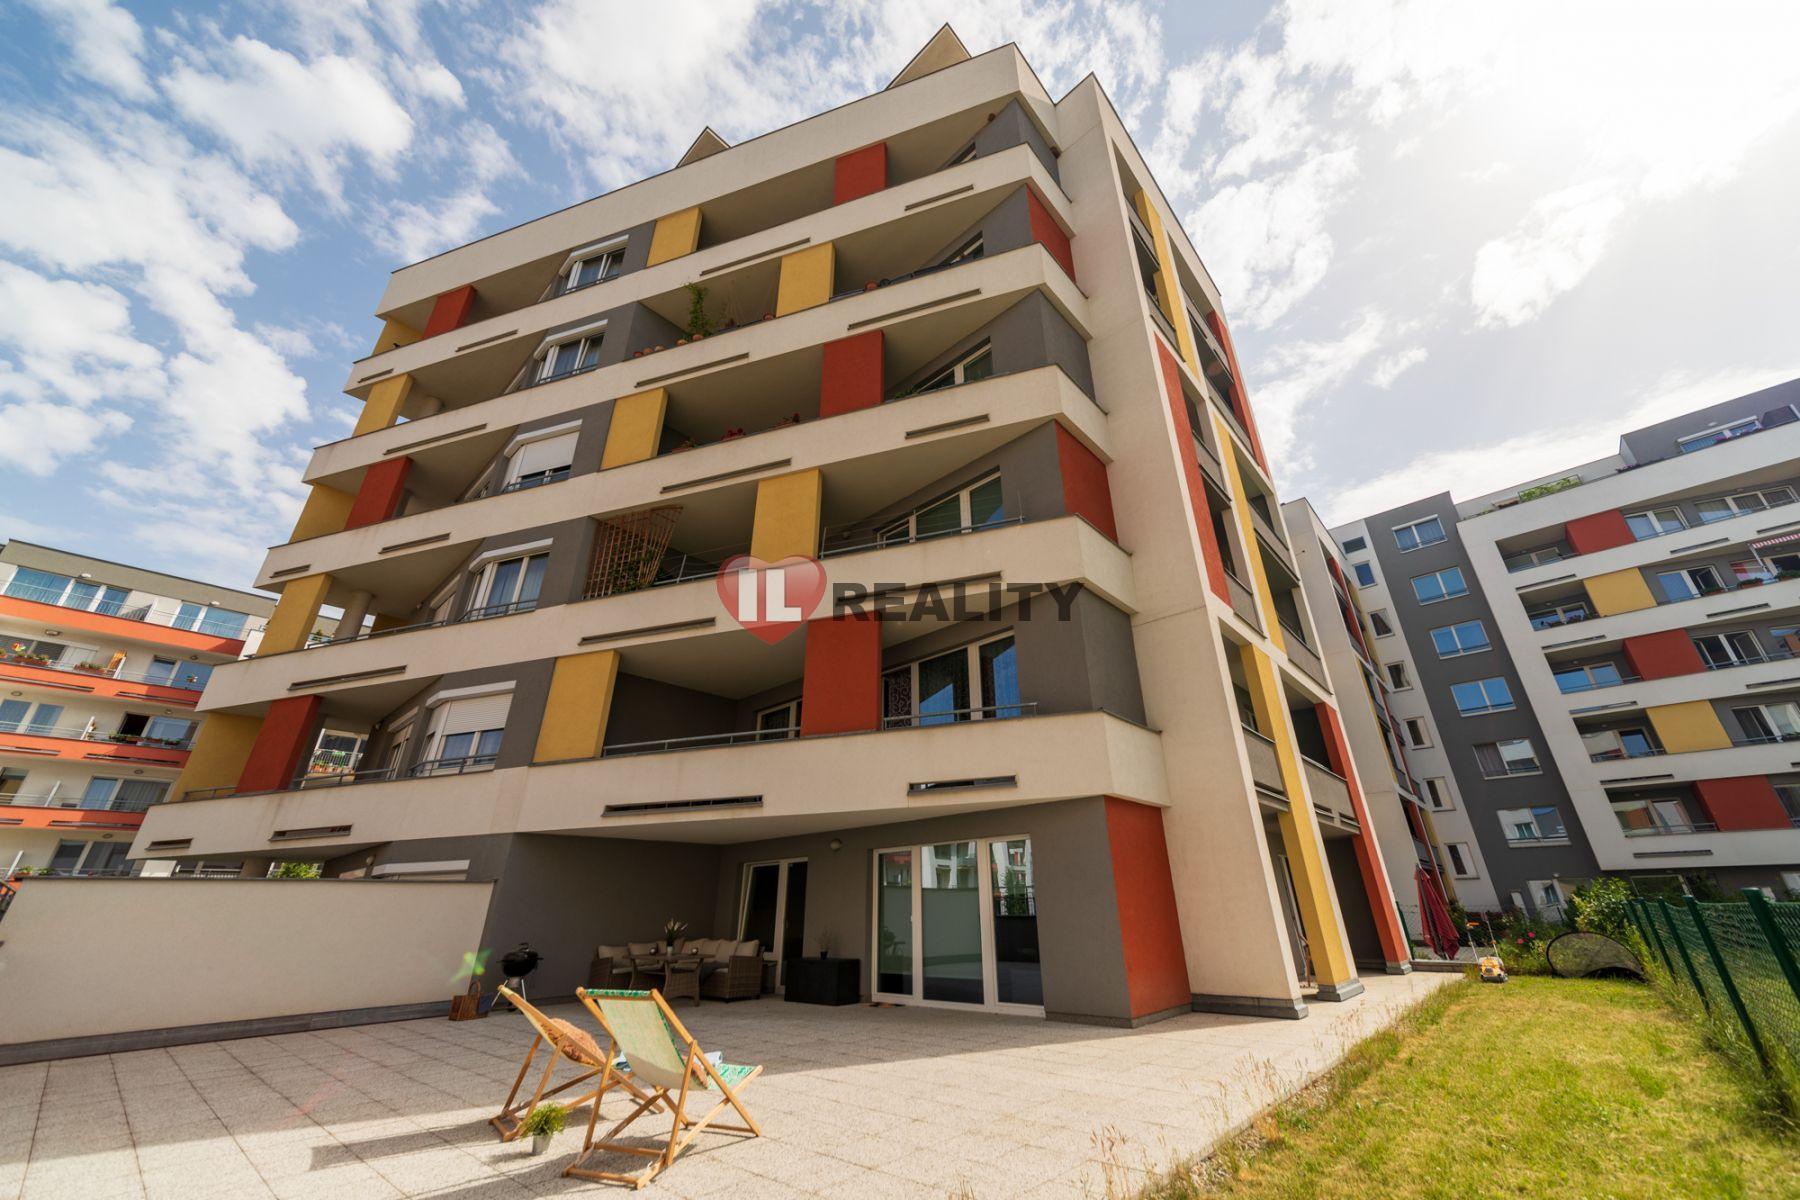 Prodej bytu 3+kk, 240m2, terasa+předzahrádka, Prušanecká, Praha - Zličín, parkování, sklep